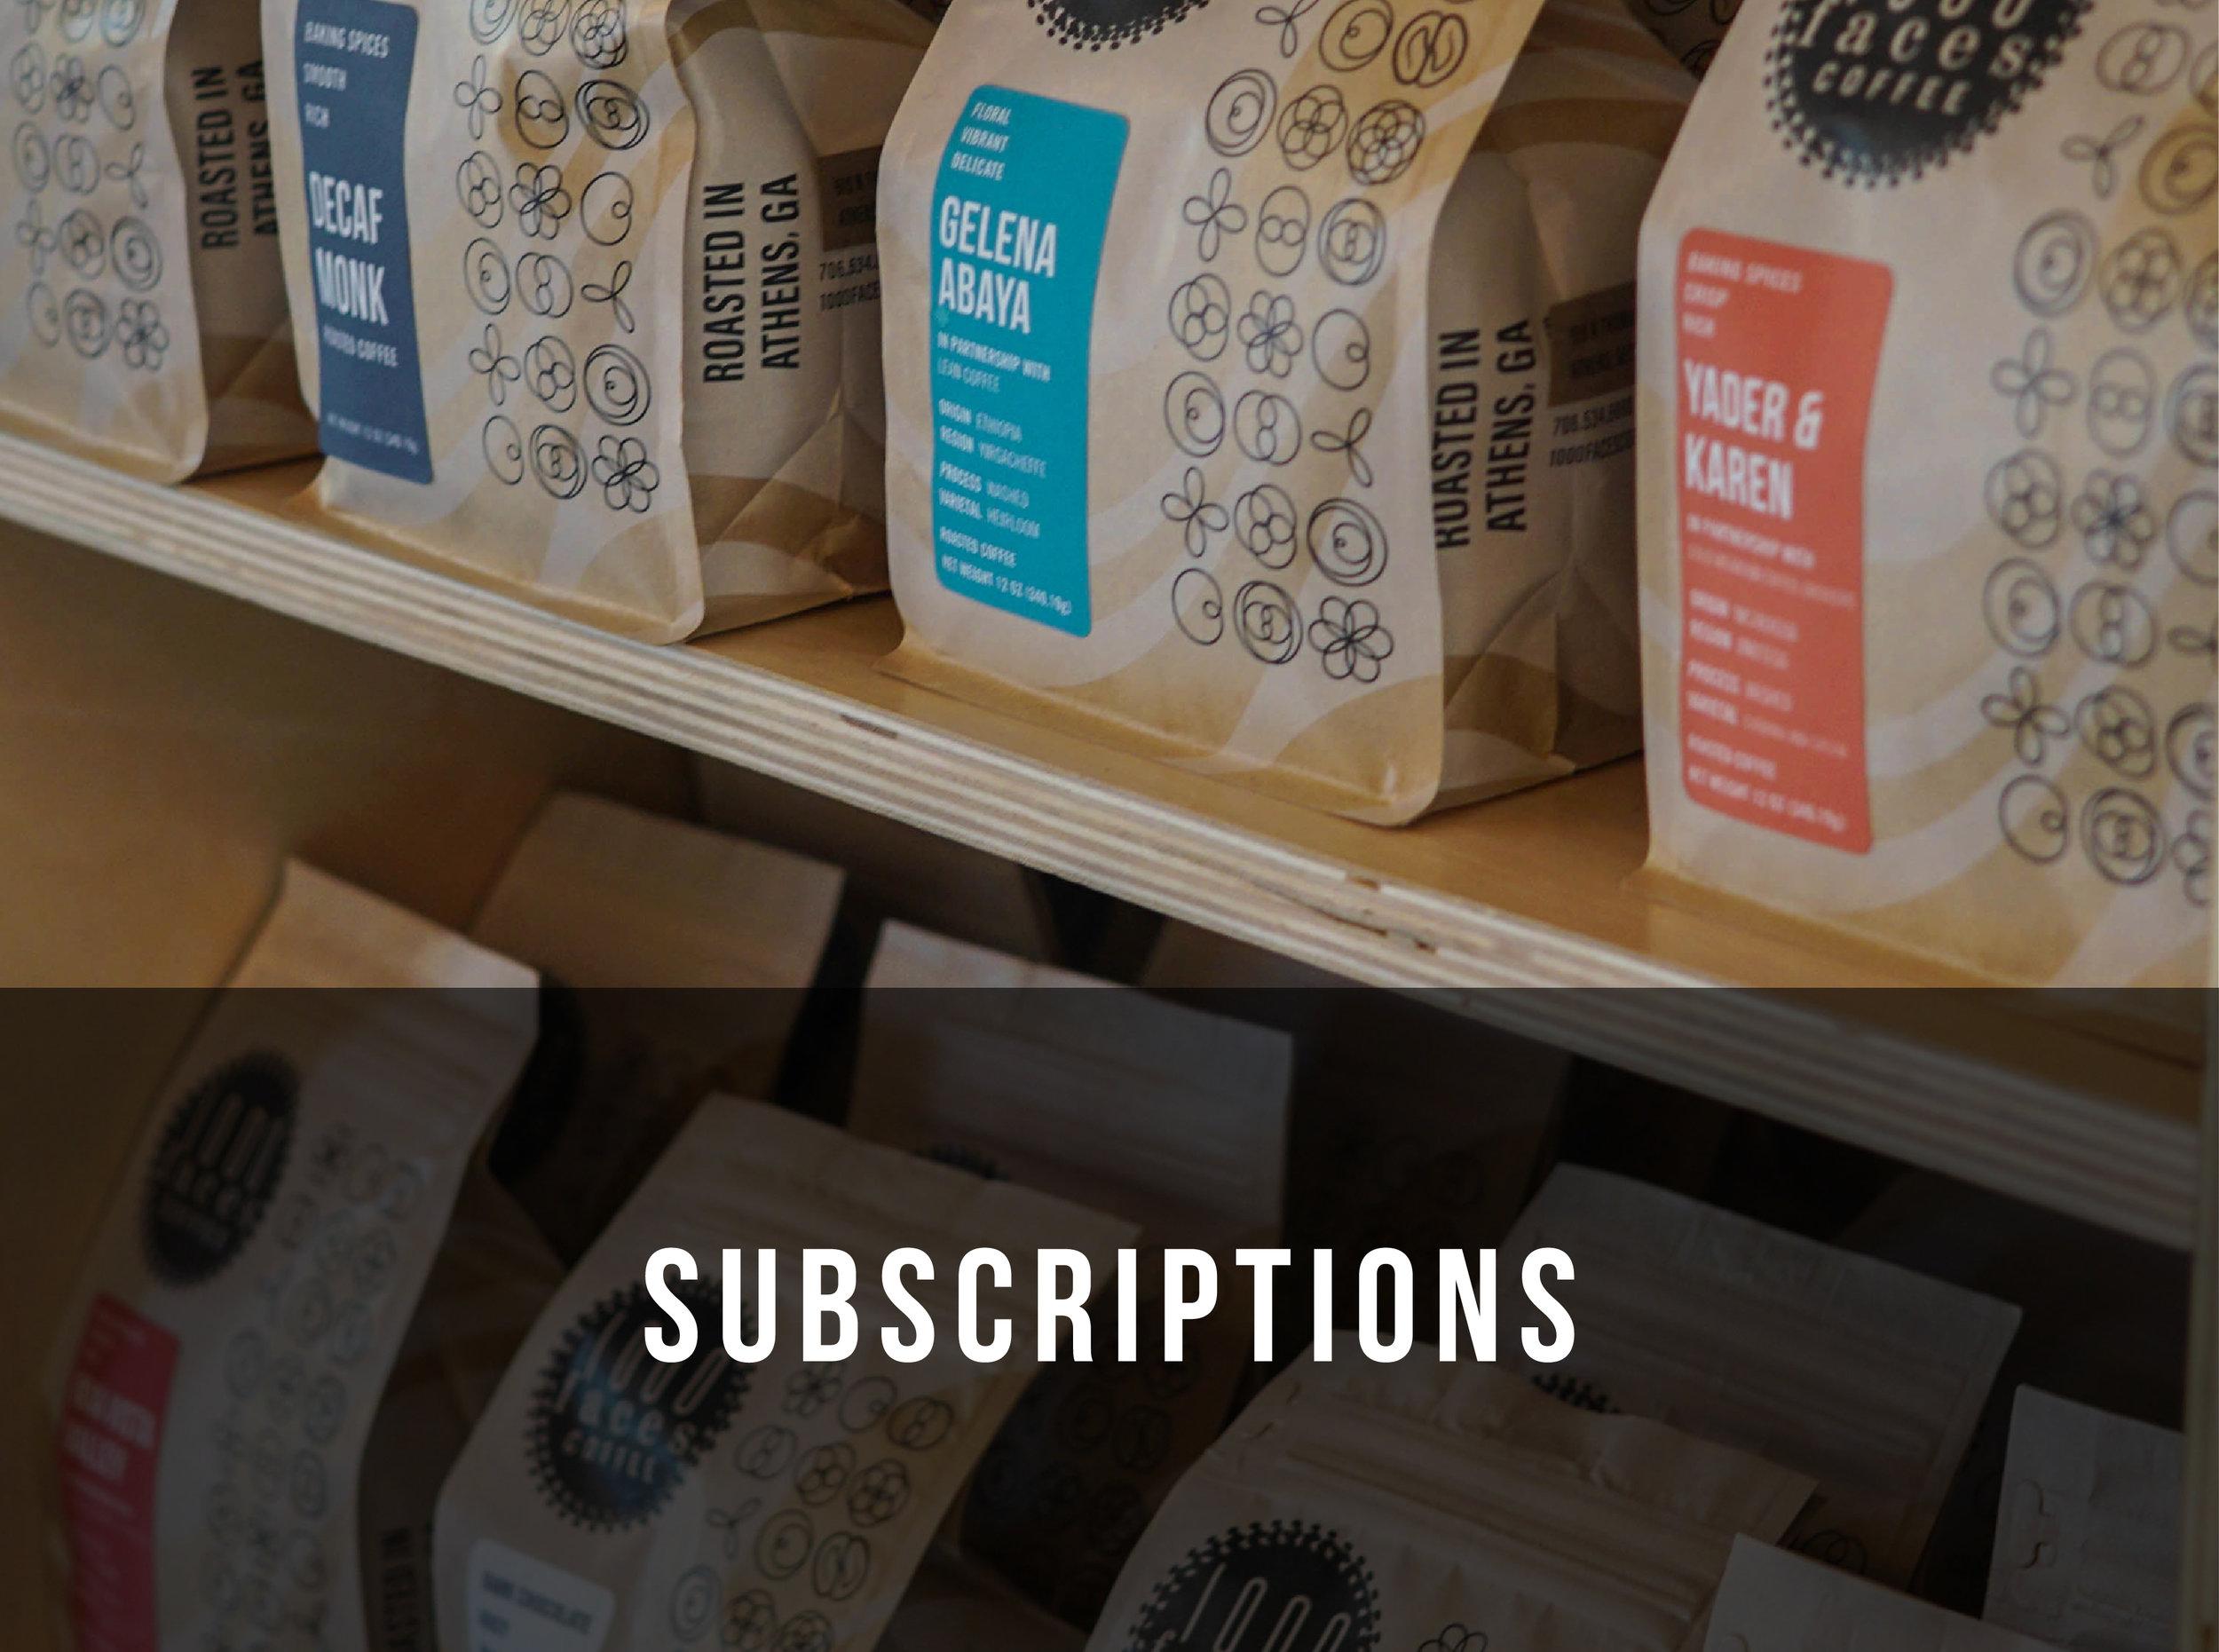 subscriptions-31.jpg